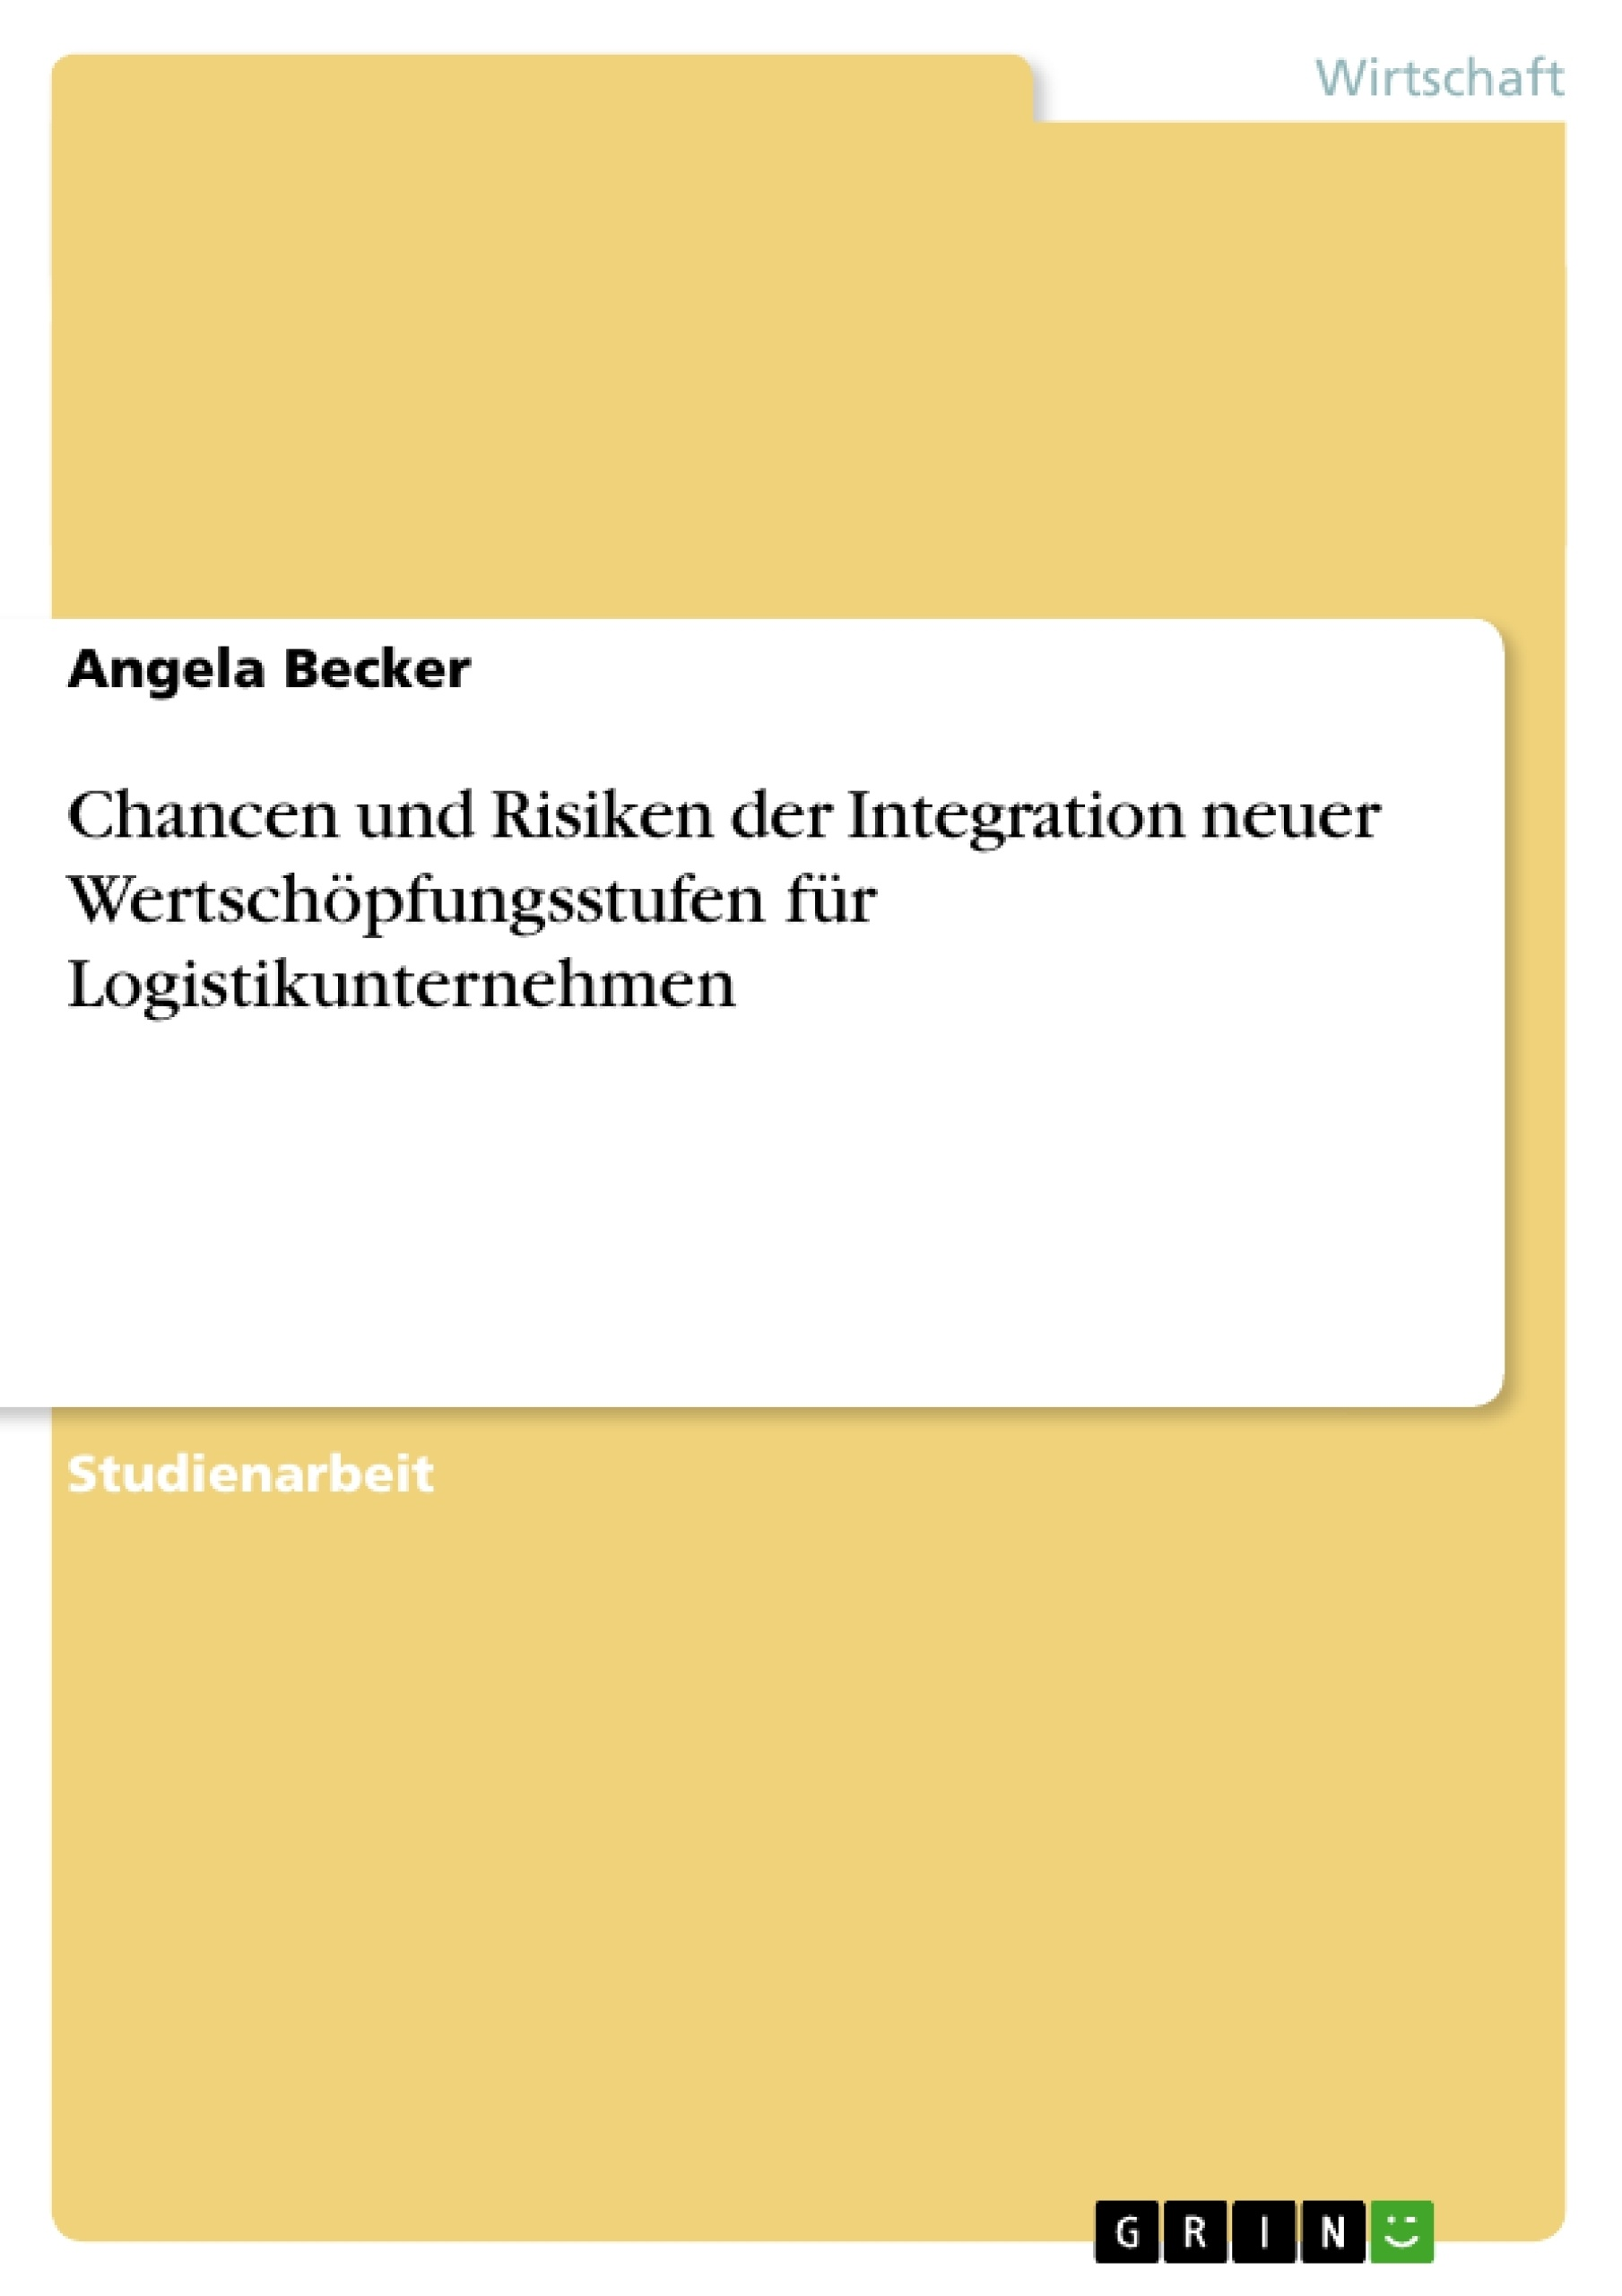 Titel: Chancen und Risiken der Integration neuer Wertschöpfungsstufen für Logistikunternehmen